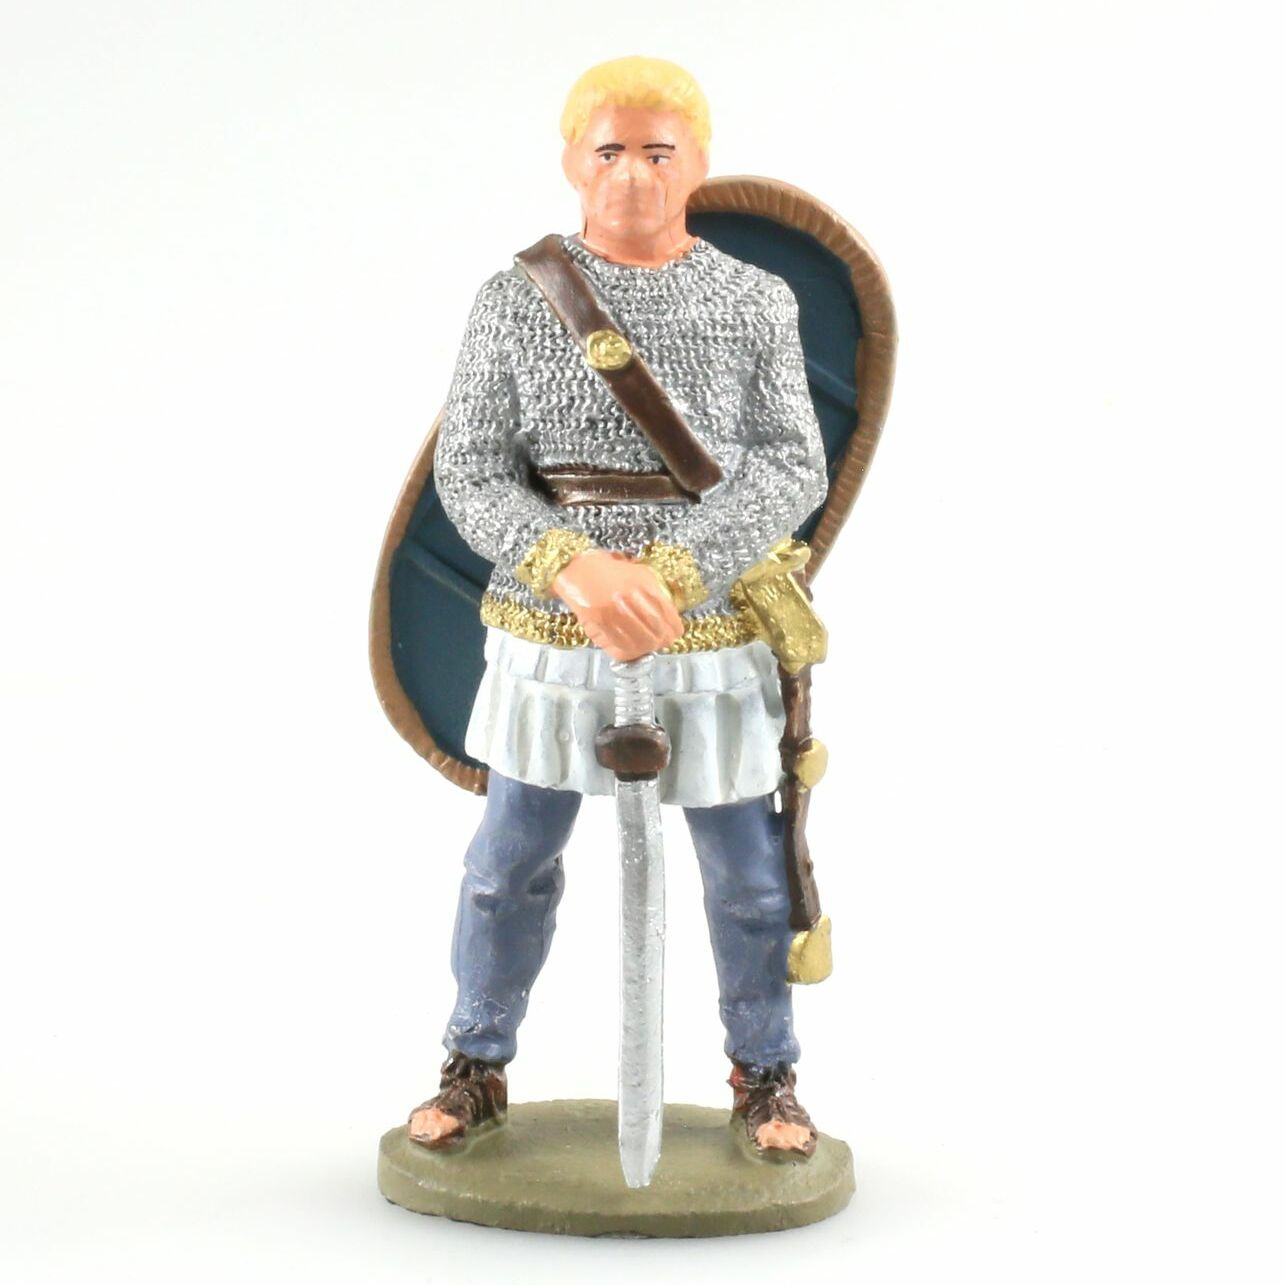 Légionnaire, IIIe siècle ap. J.C, Rome et ses ennemis 1/30